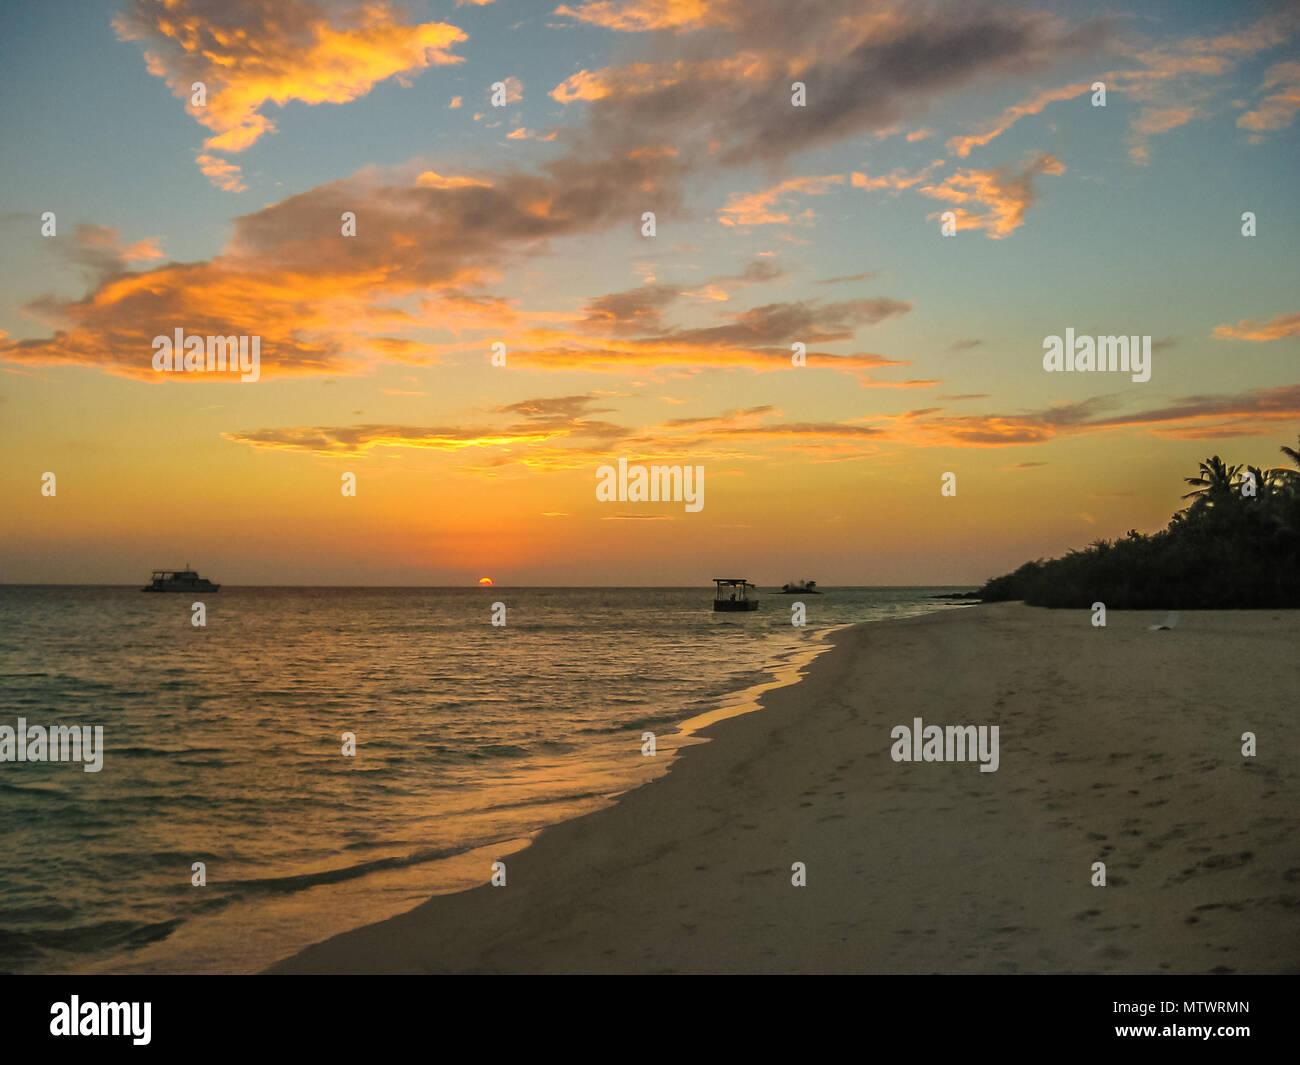 Malediven Hintergrund. Sonnenuntergang über dem tropischen Meer und Coral Beach mit bunten Wolken im Himmel. Boote am Horizont in der himmlischen Atoll der Ruhe und Entspannung. Nord Male Atoll Asdu, Indischer Ozean. Stockfoto